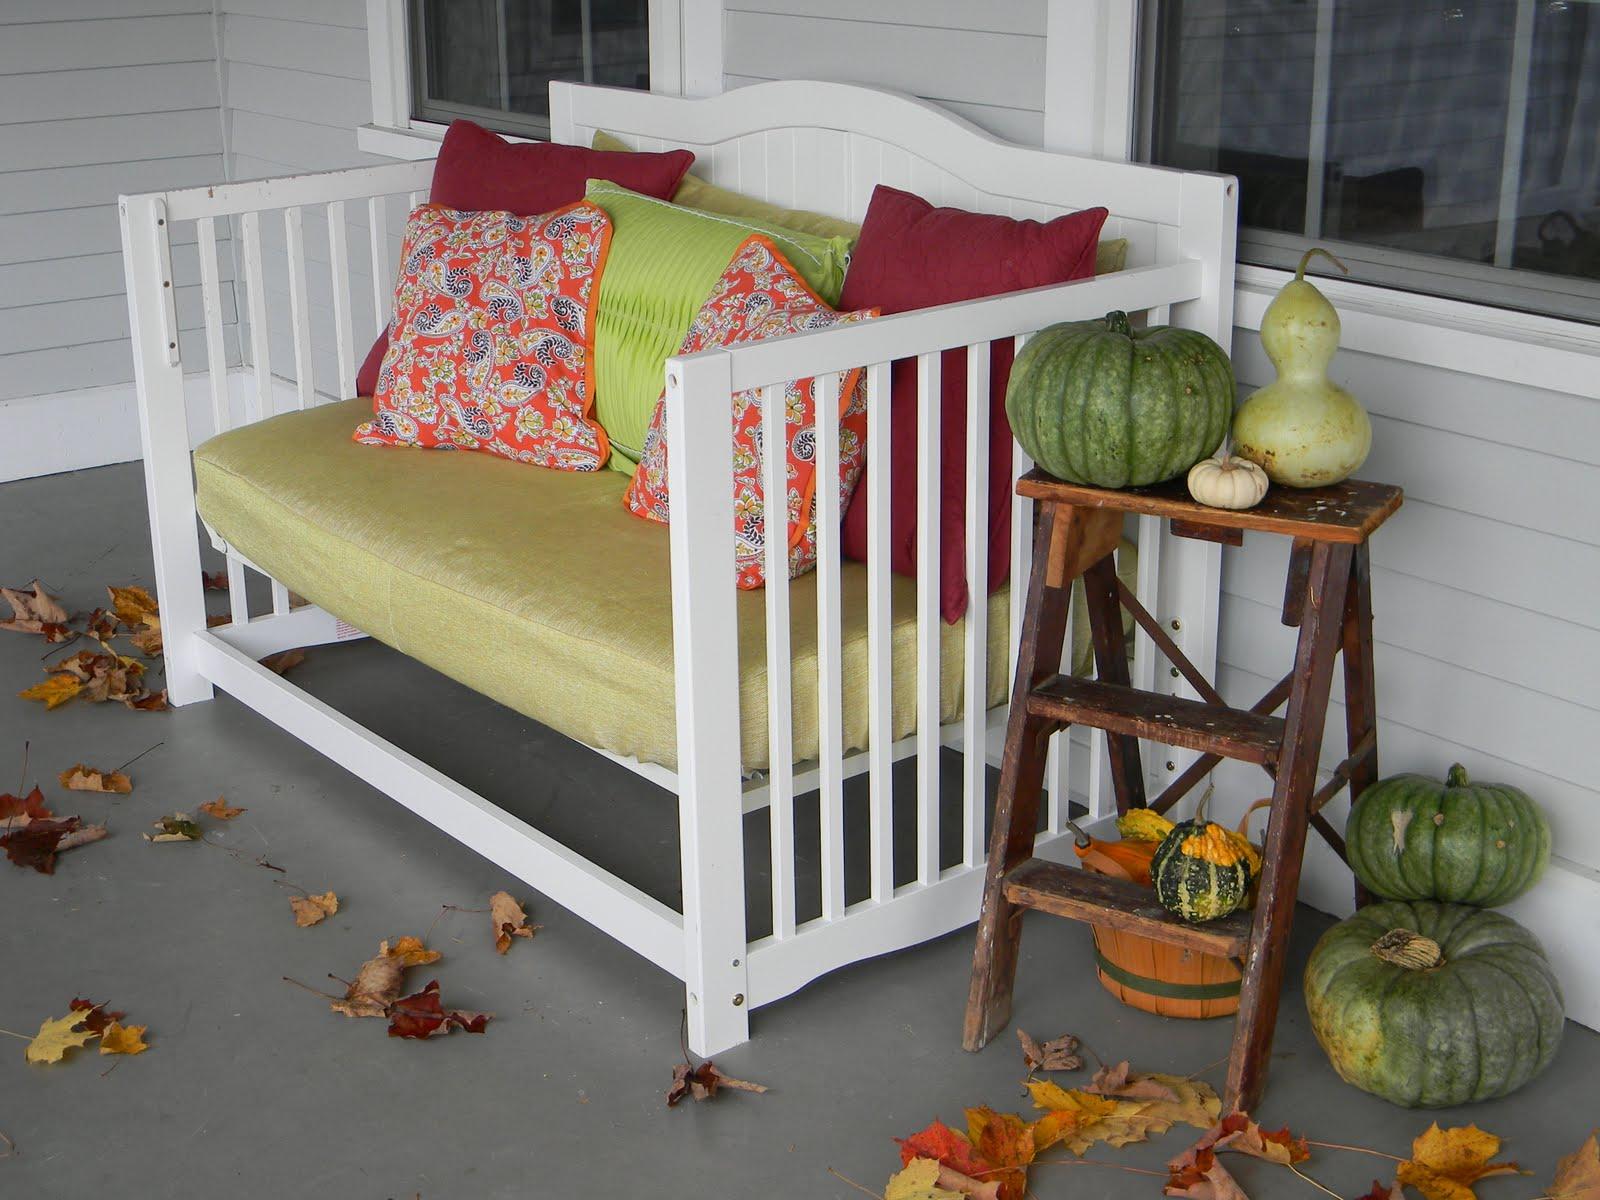 13 - Um confortável banco para a varanda pode ser feito com a estrutura do berço com um reforço dos pés.